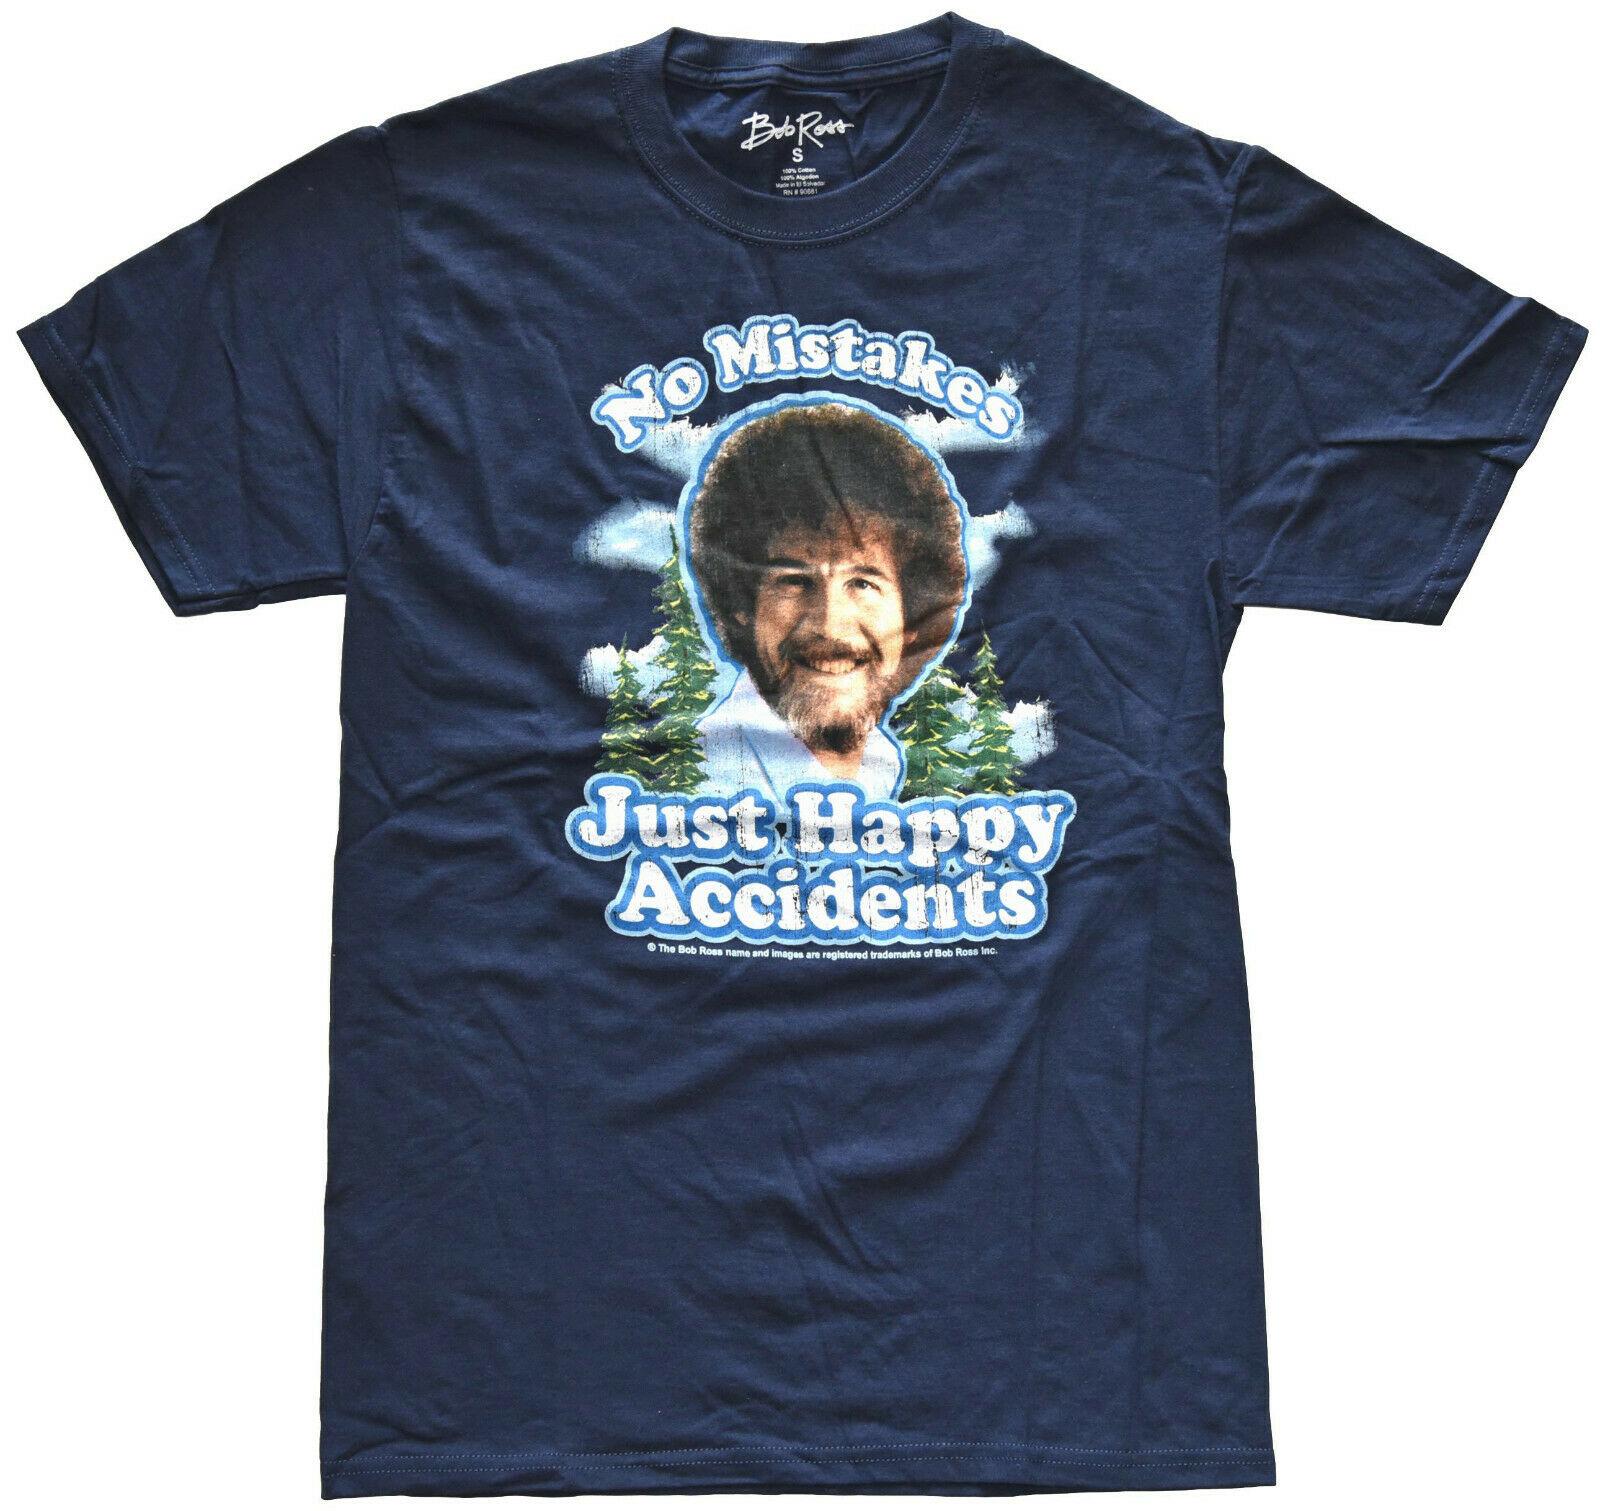 Camiseta para hombre nueva Bob Ross sin errores sólo feliz accidentes desgastados Navy